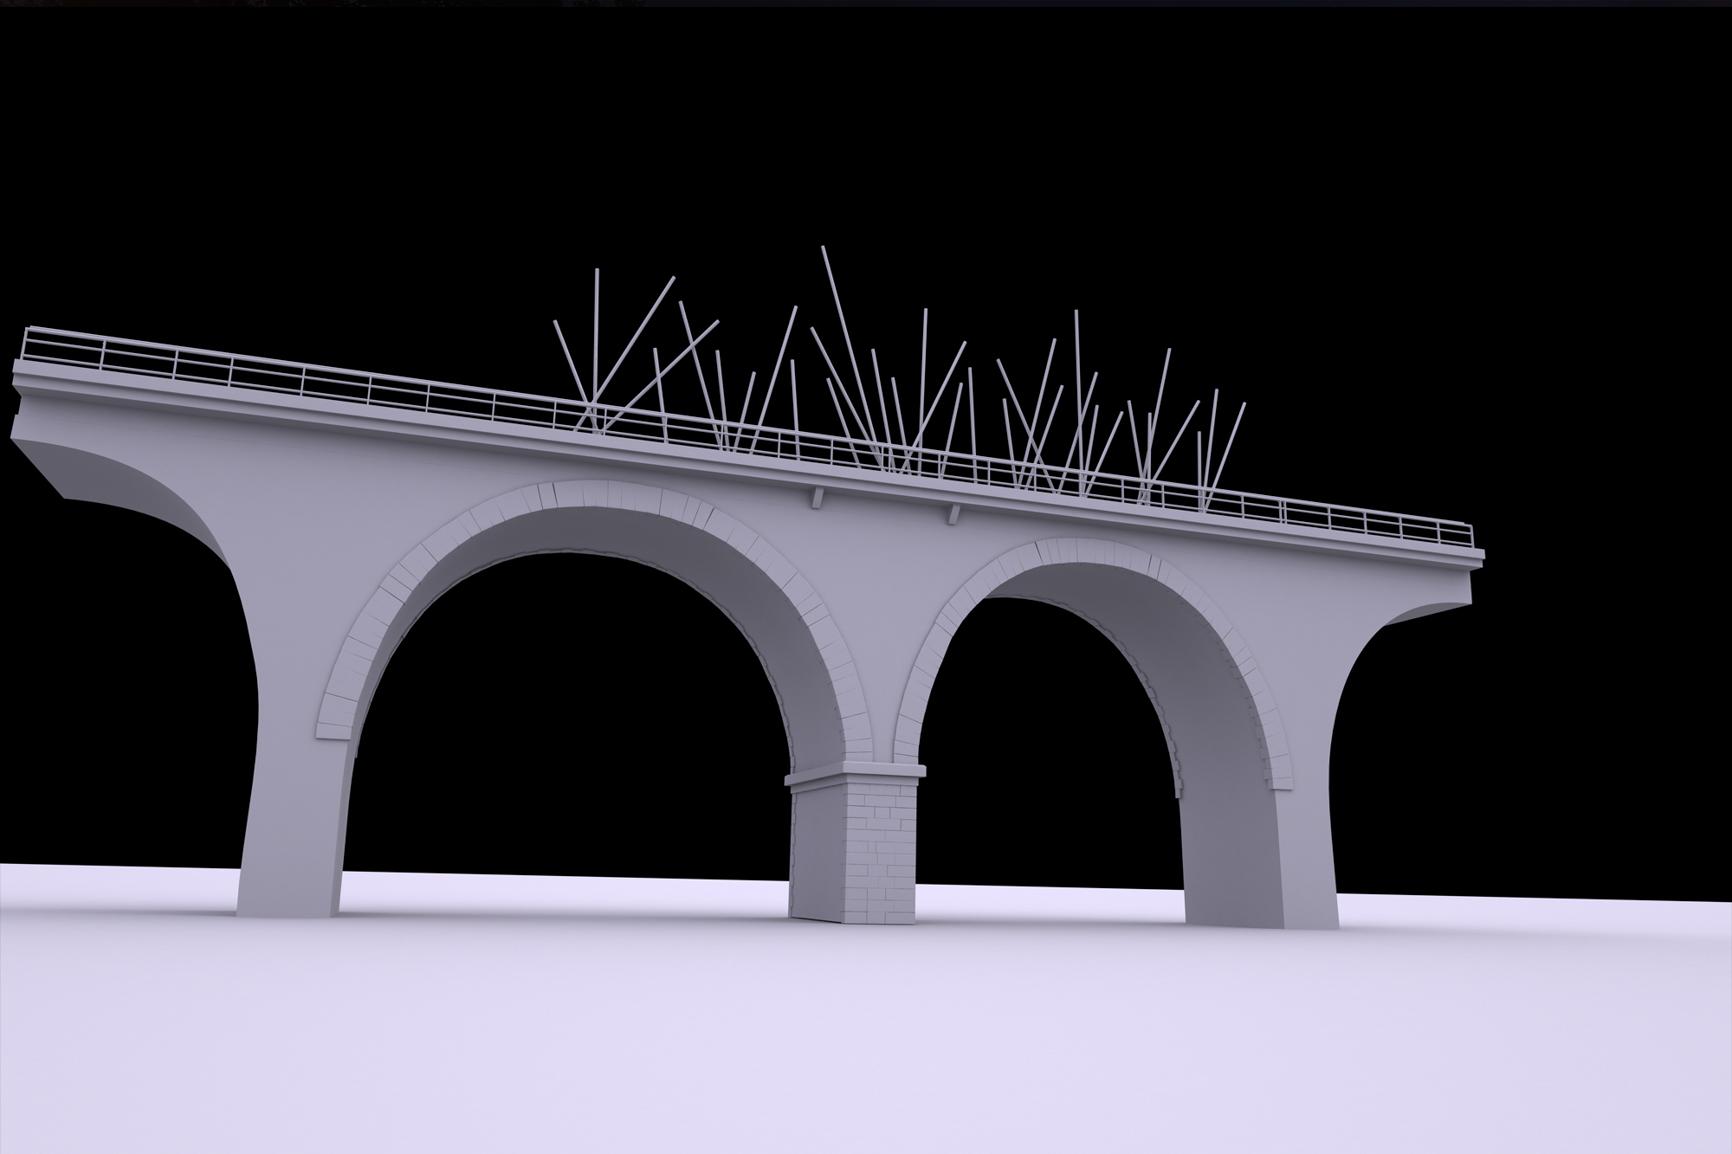 3-Dripmoon-archvis-simulation-eclairage-Evreux-eclairagiste-NoctaBene-image3D-modelisation-pont-1